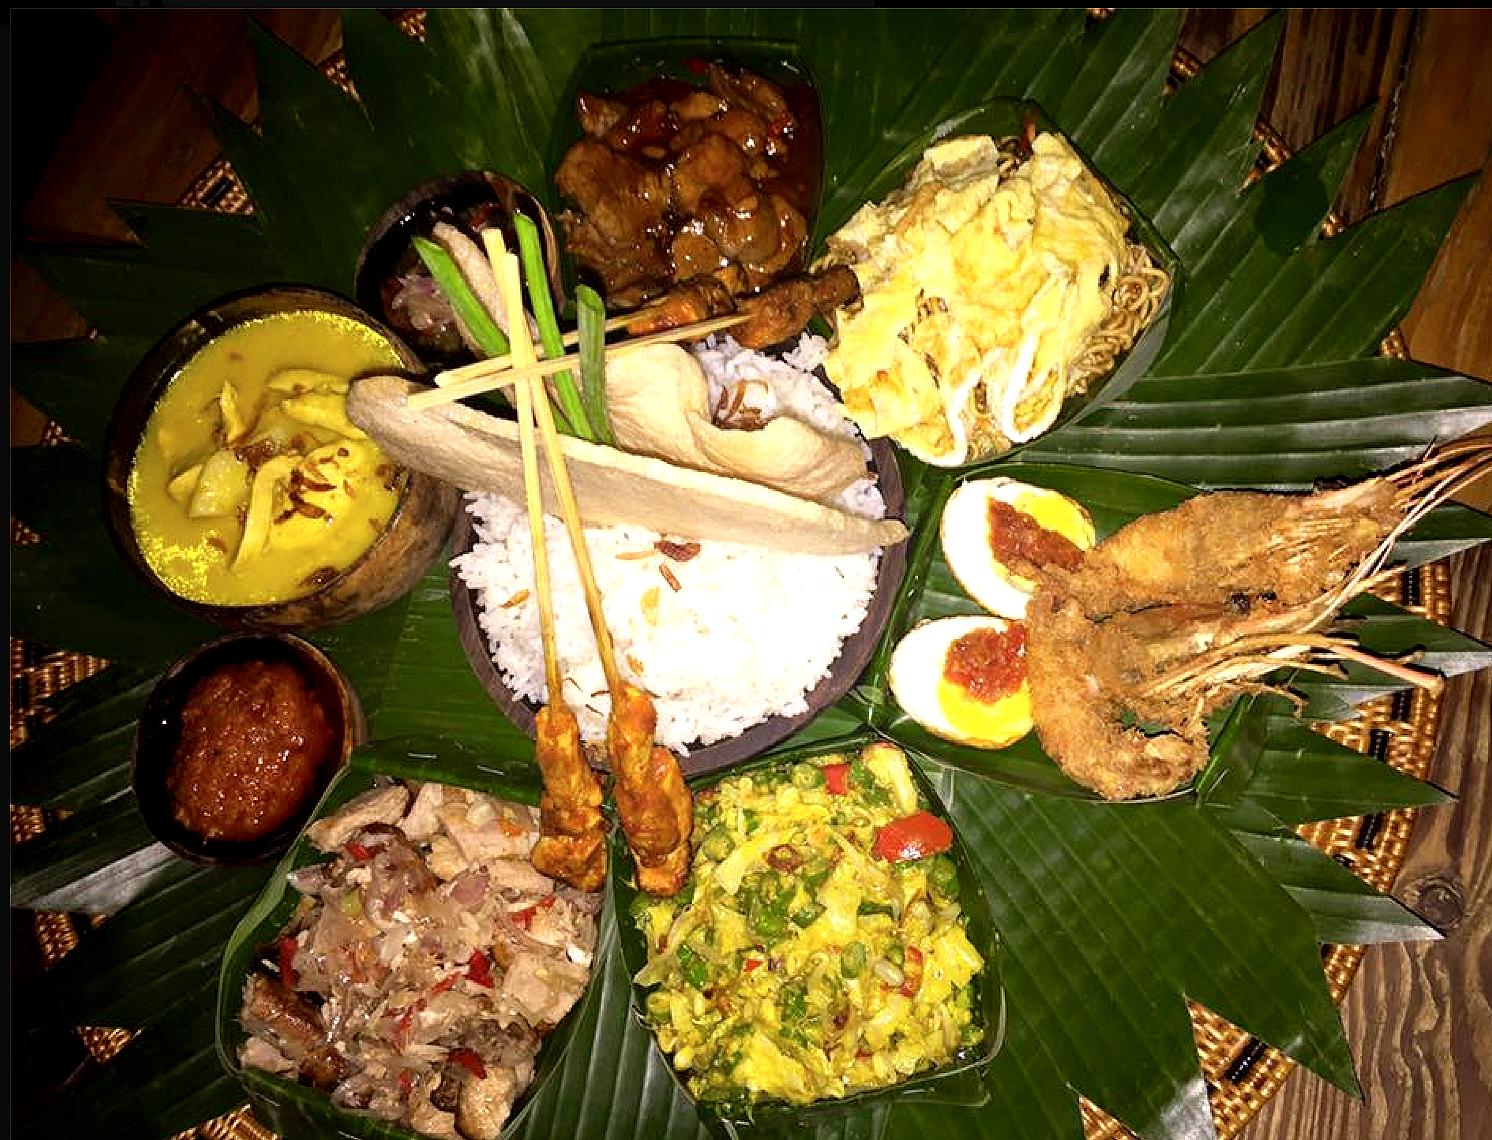 Å gå ut psie er en opplevels. Her en kombi skalldyr- og kjøttrett servert på bananblader.